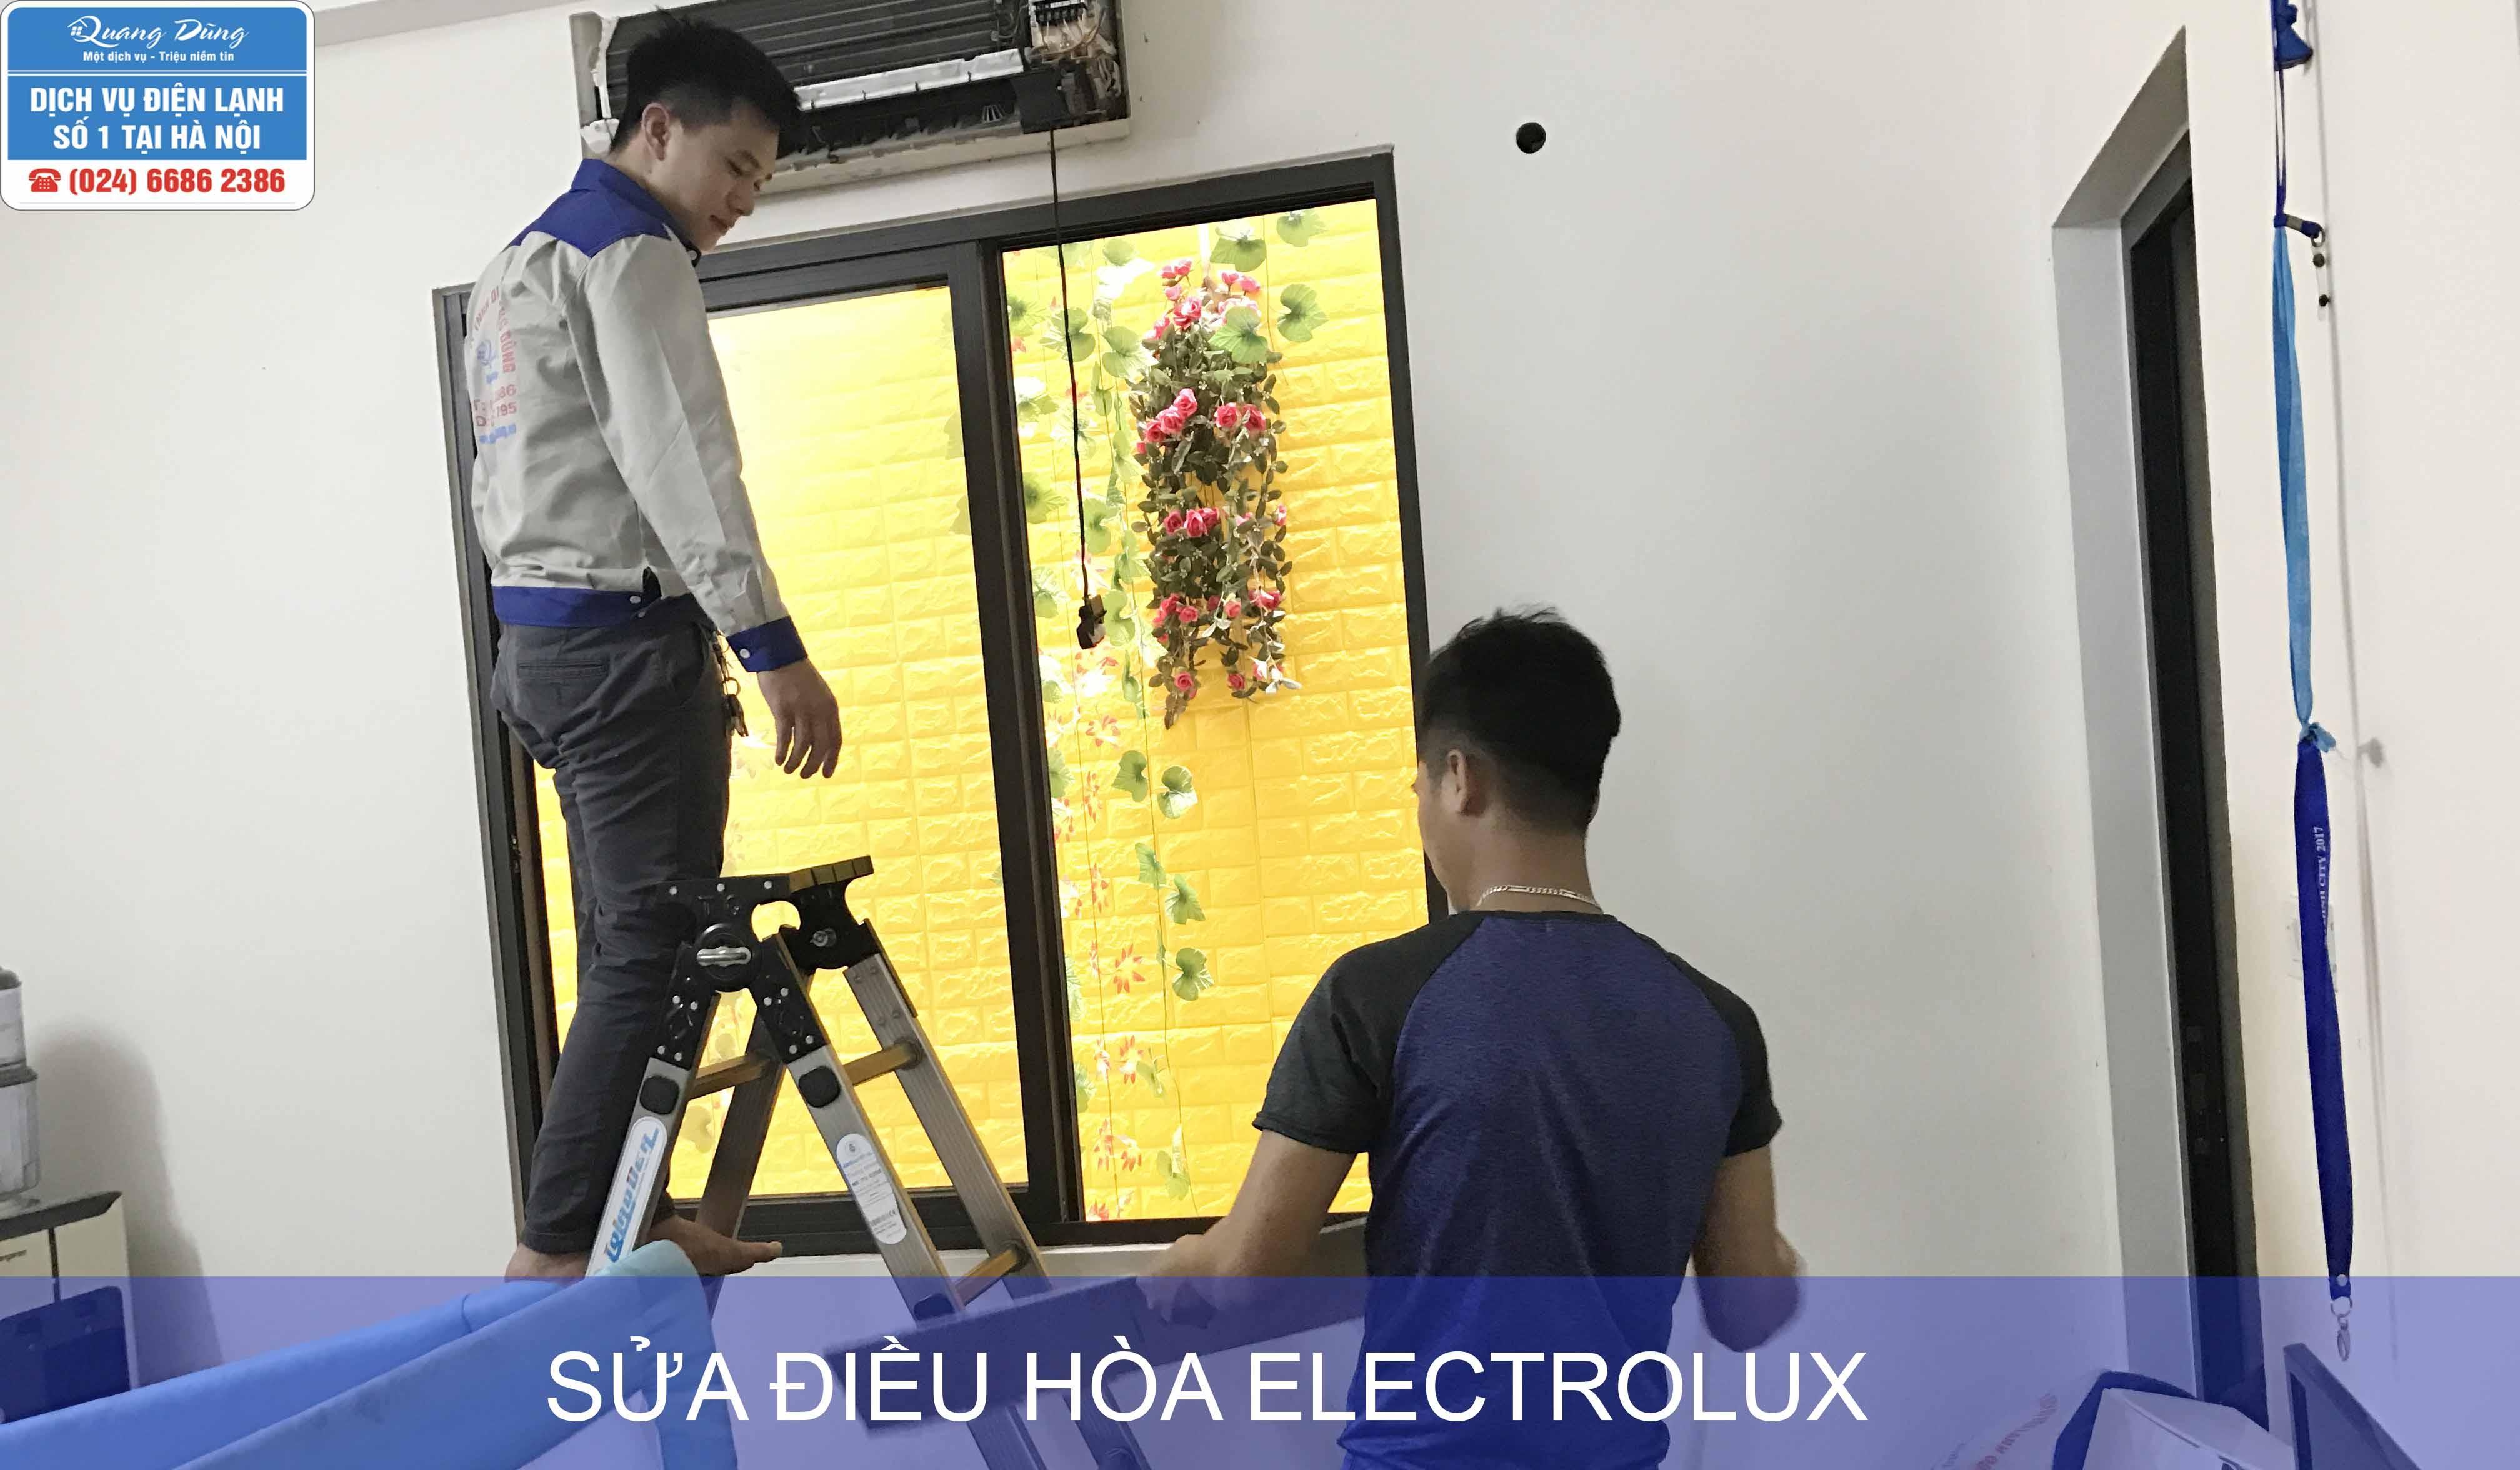 sua dieu hoa electrolux